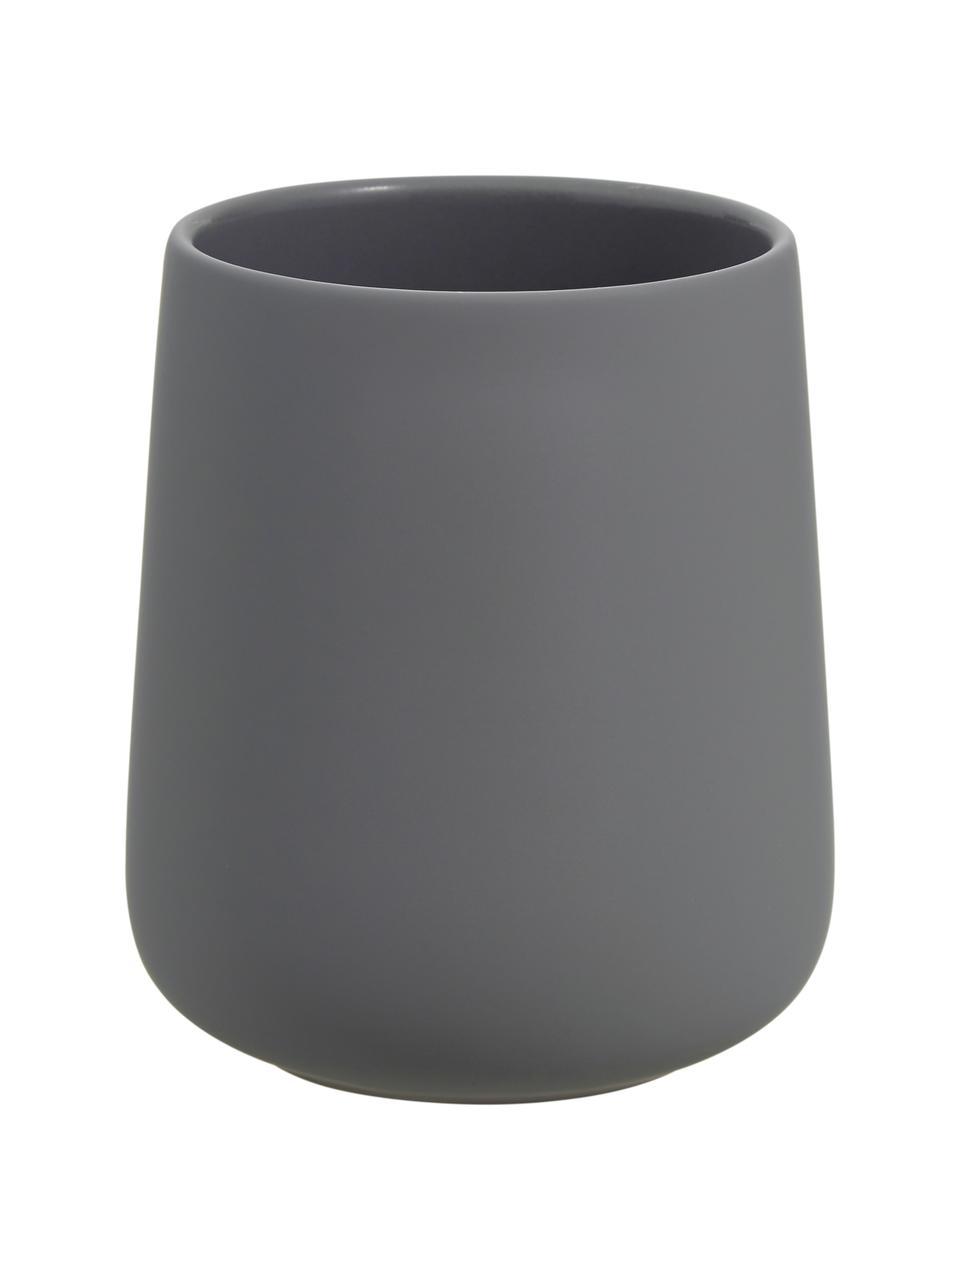 Porzellan-Zahnputzbecher Nova One, Porzellan, Grau, Ø 8 x H 10 cm